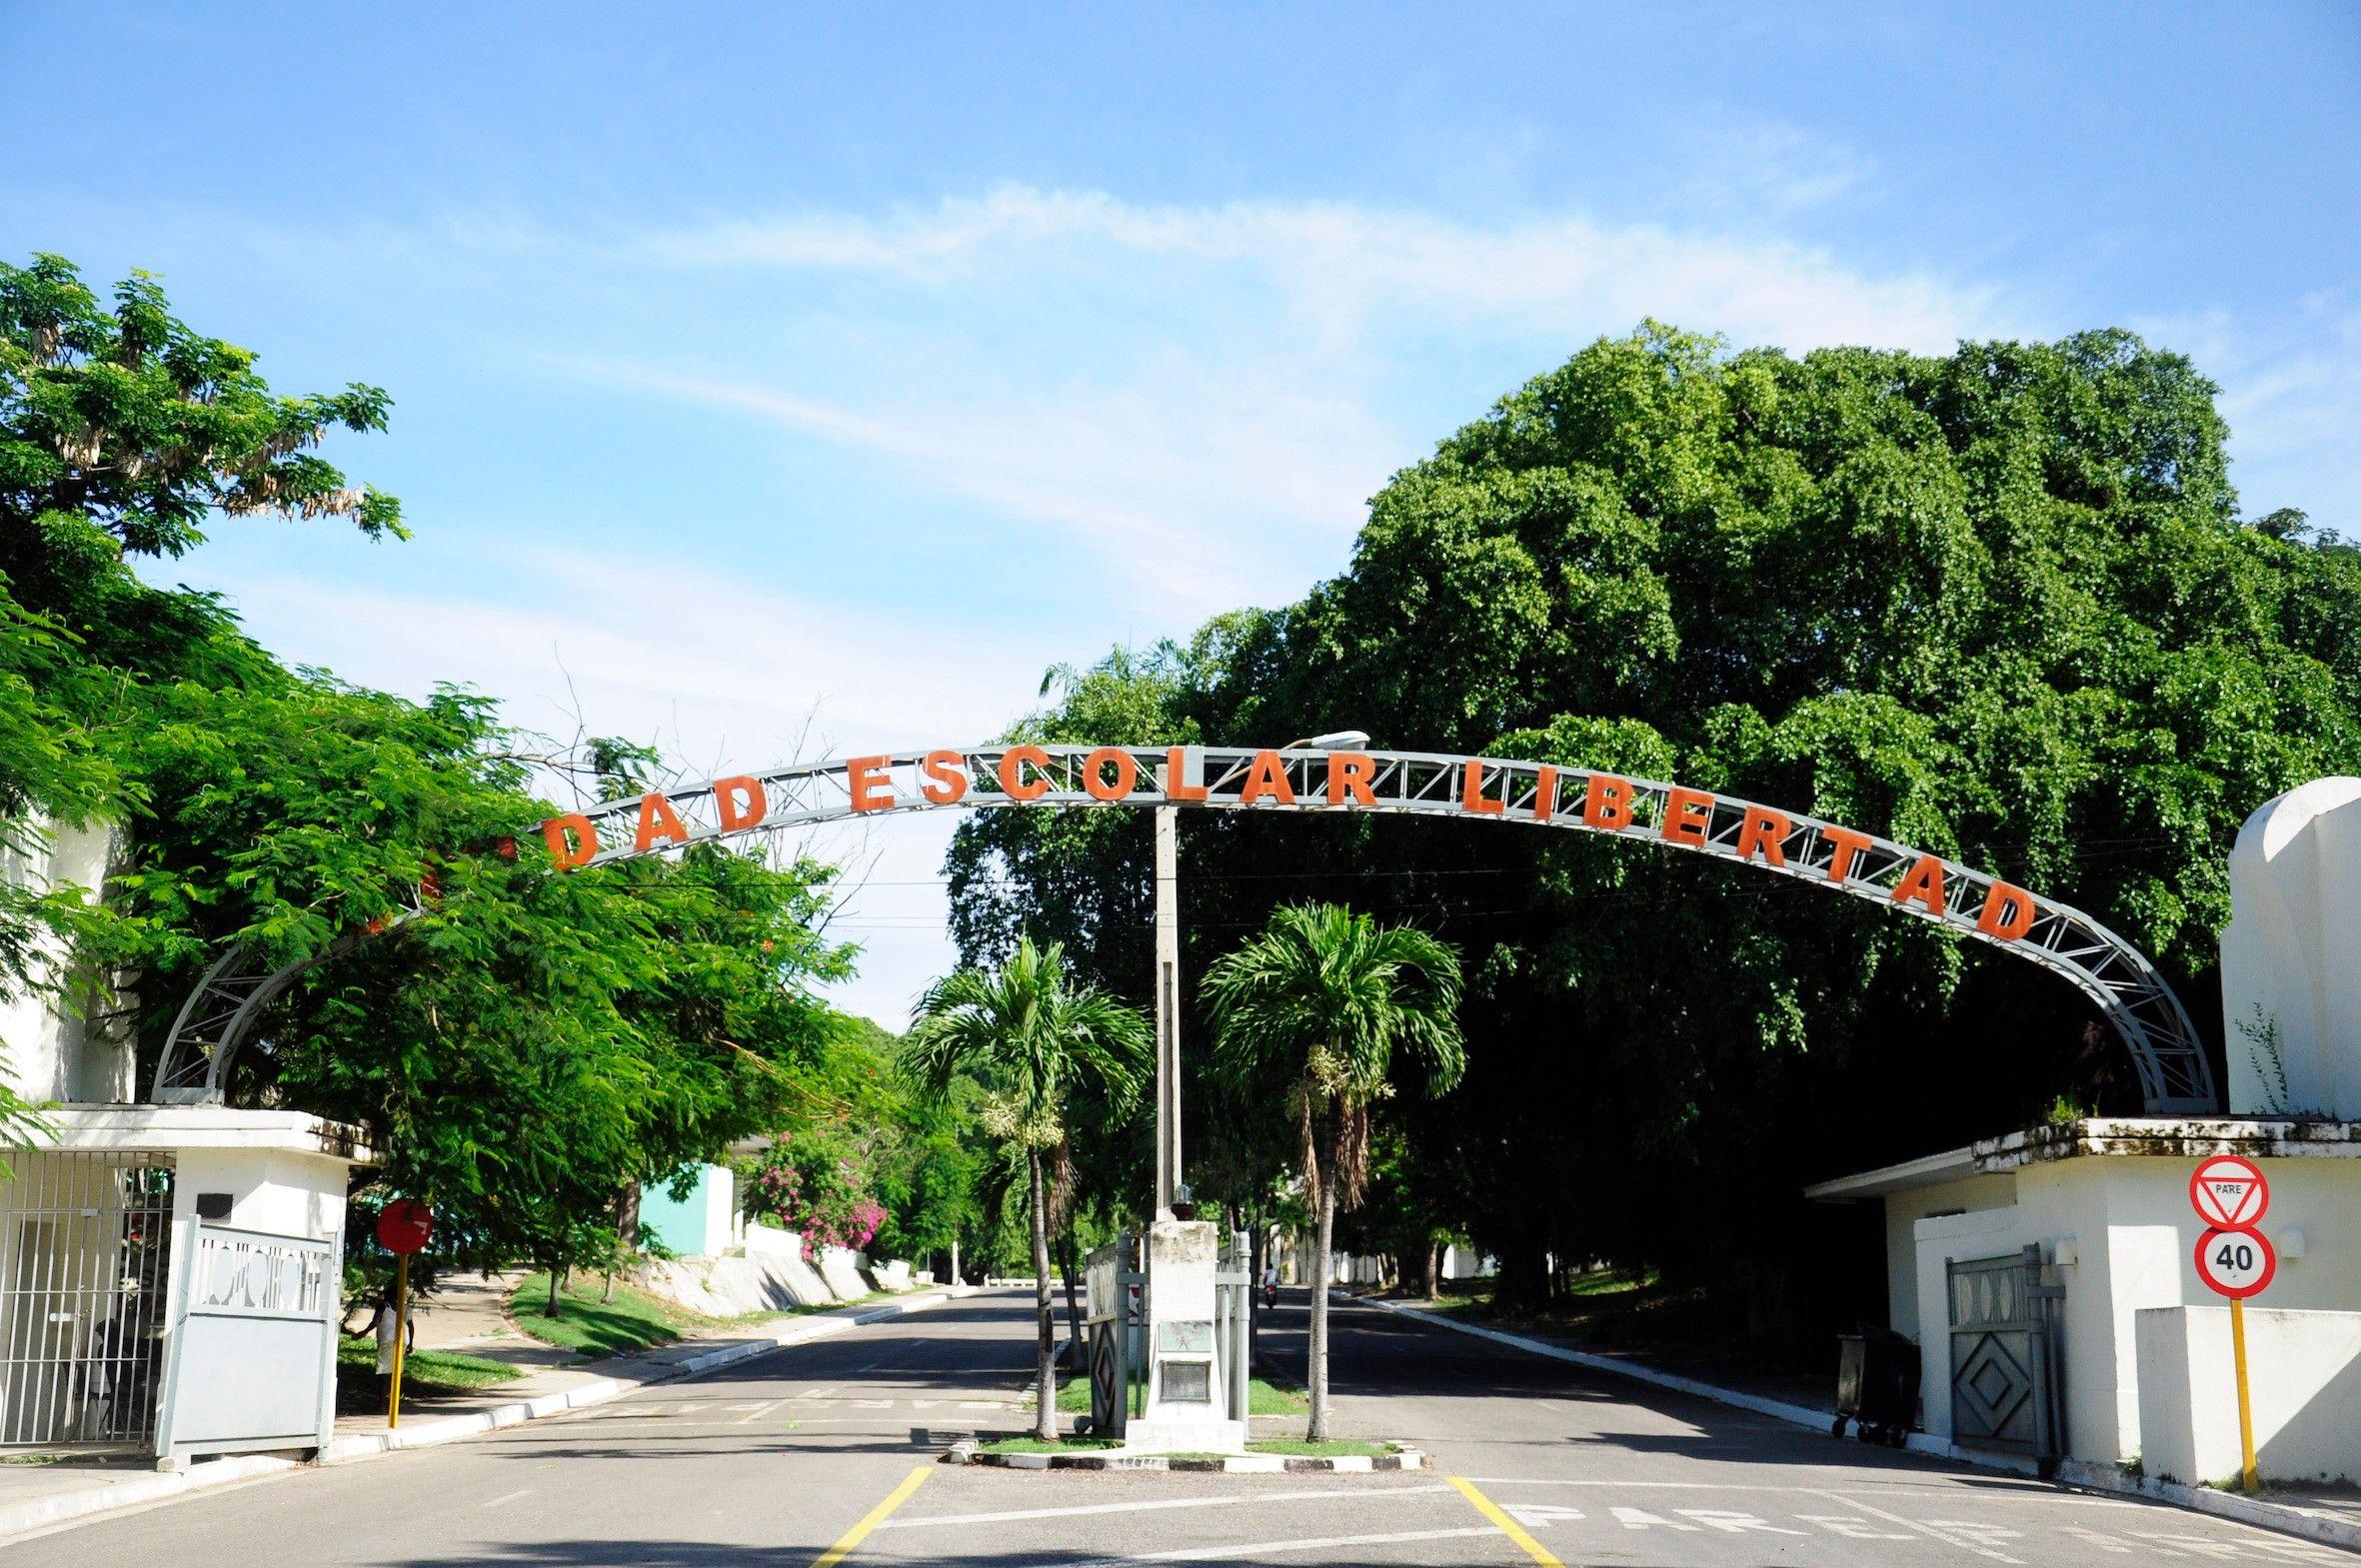 Dem Haupteingang zur Ciudad Libertad sieht man noch an, dass er vor dem Umbau ein Kontrollpunkt war